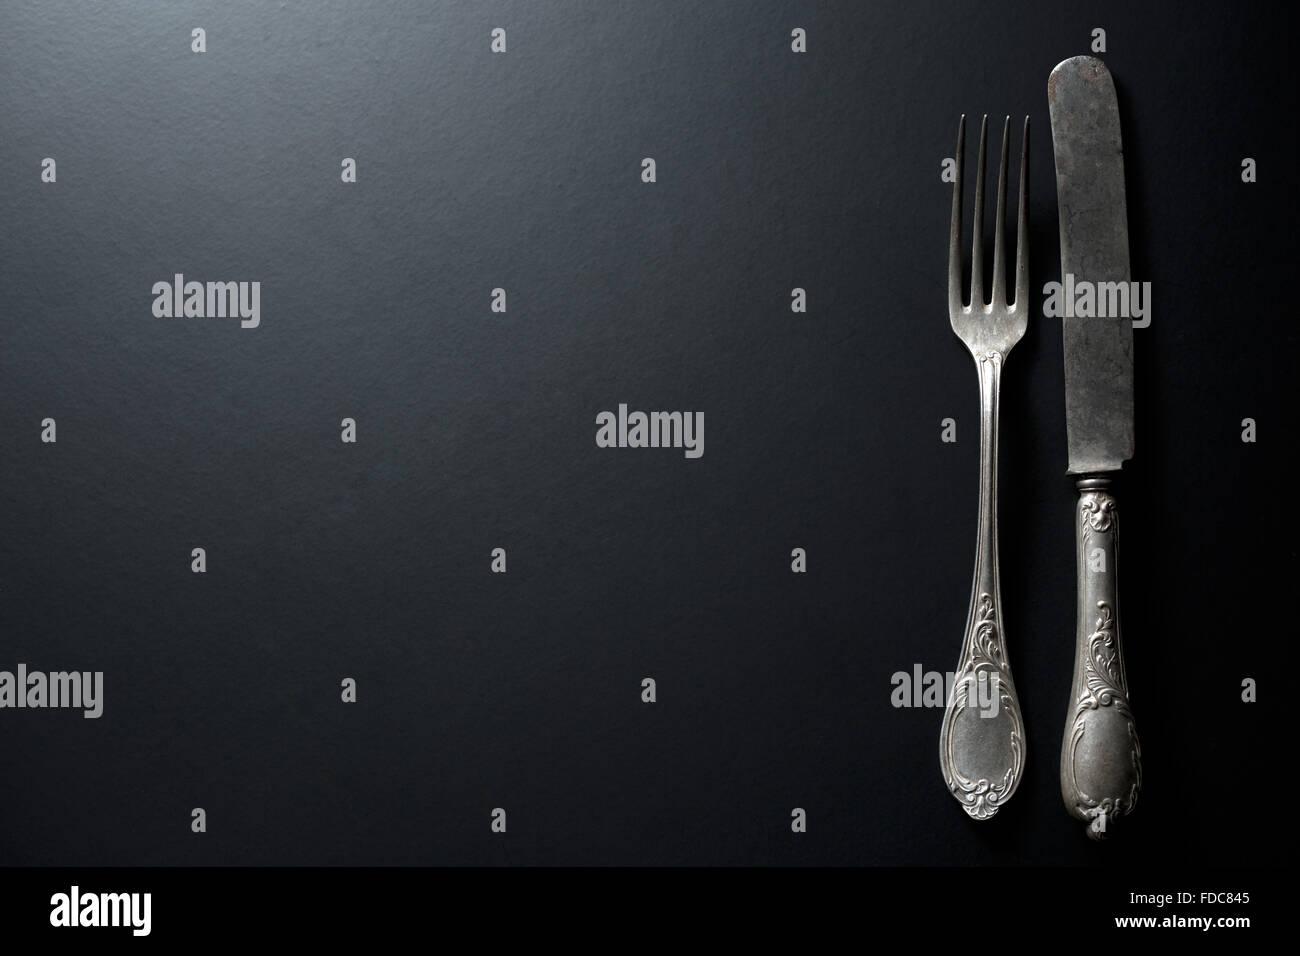 alte Vintage Messer und Gabel auf schwarzem Hintergrund Stockbild